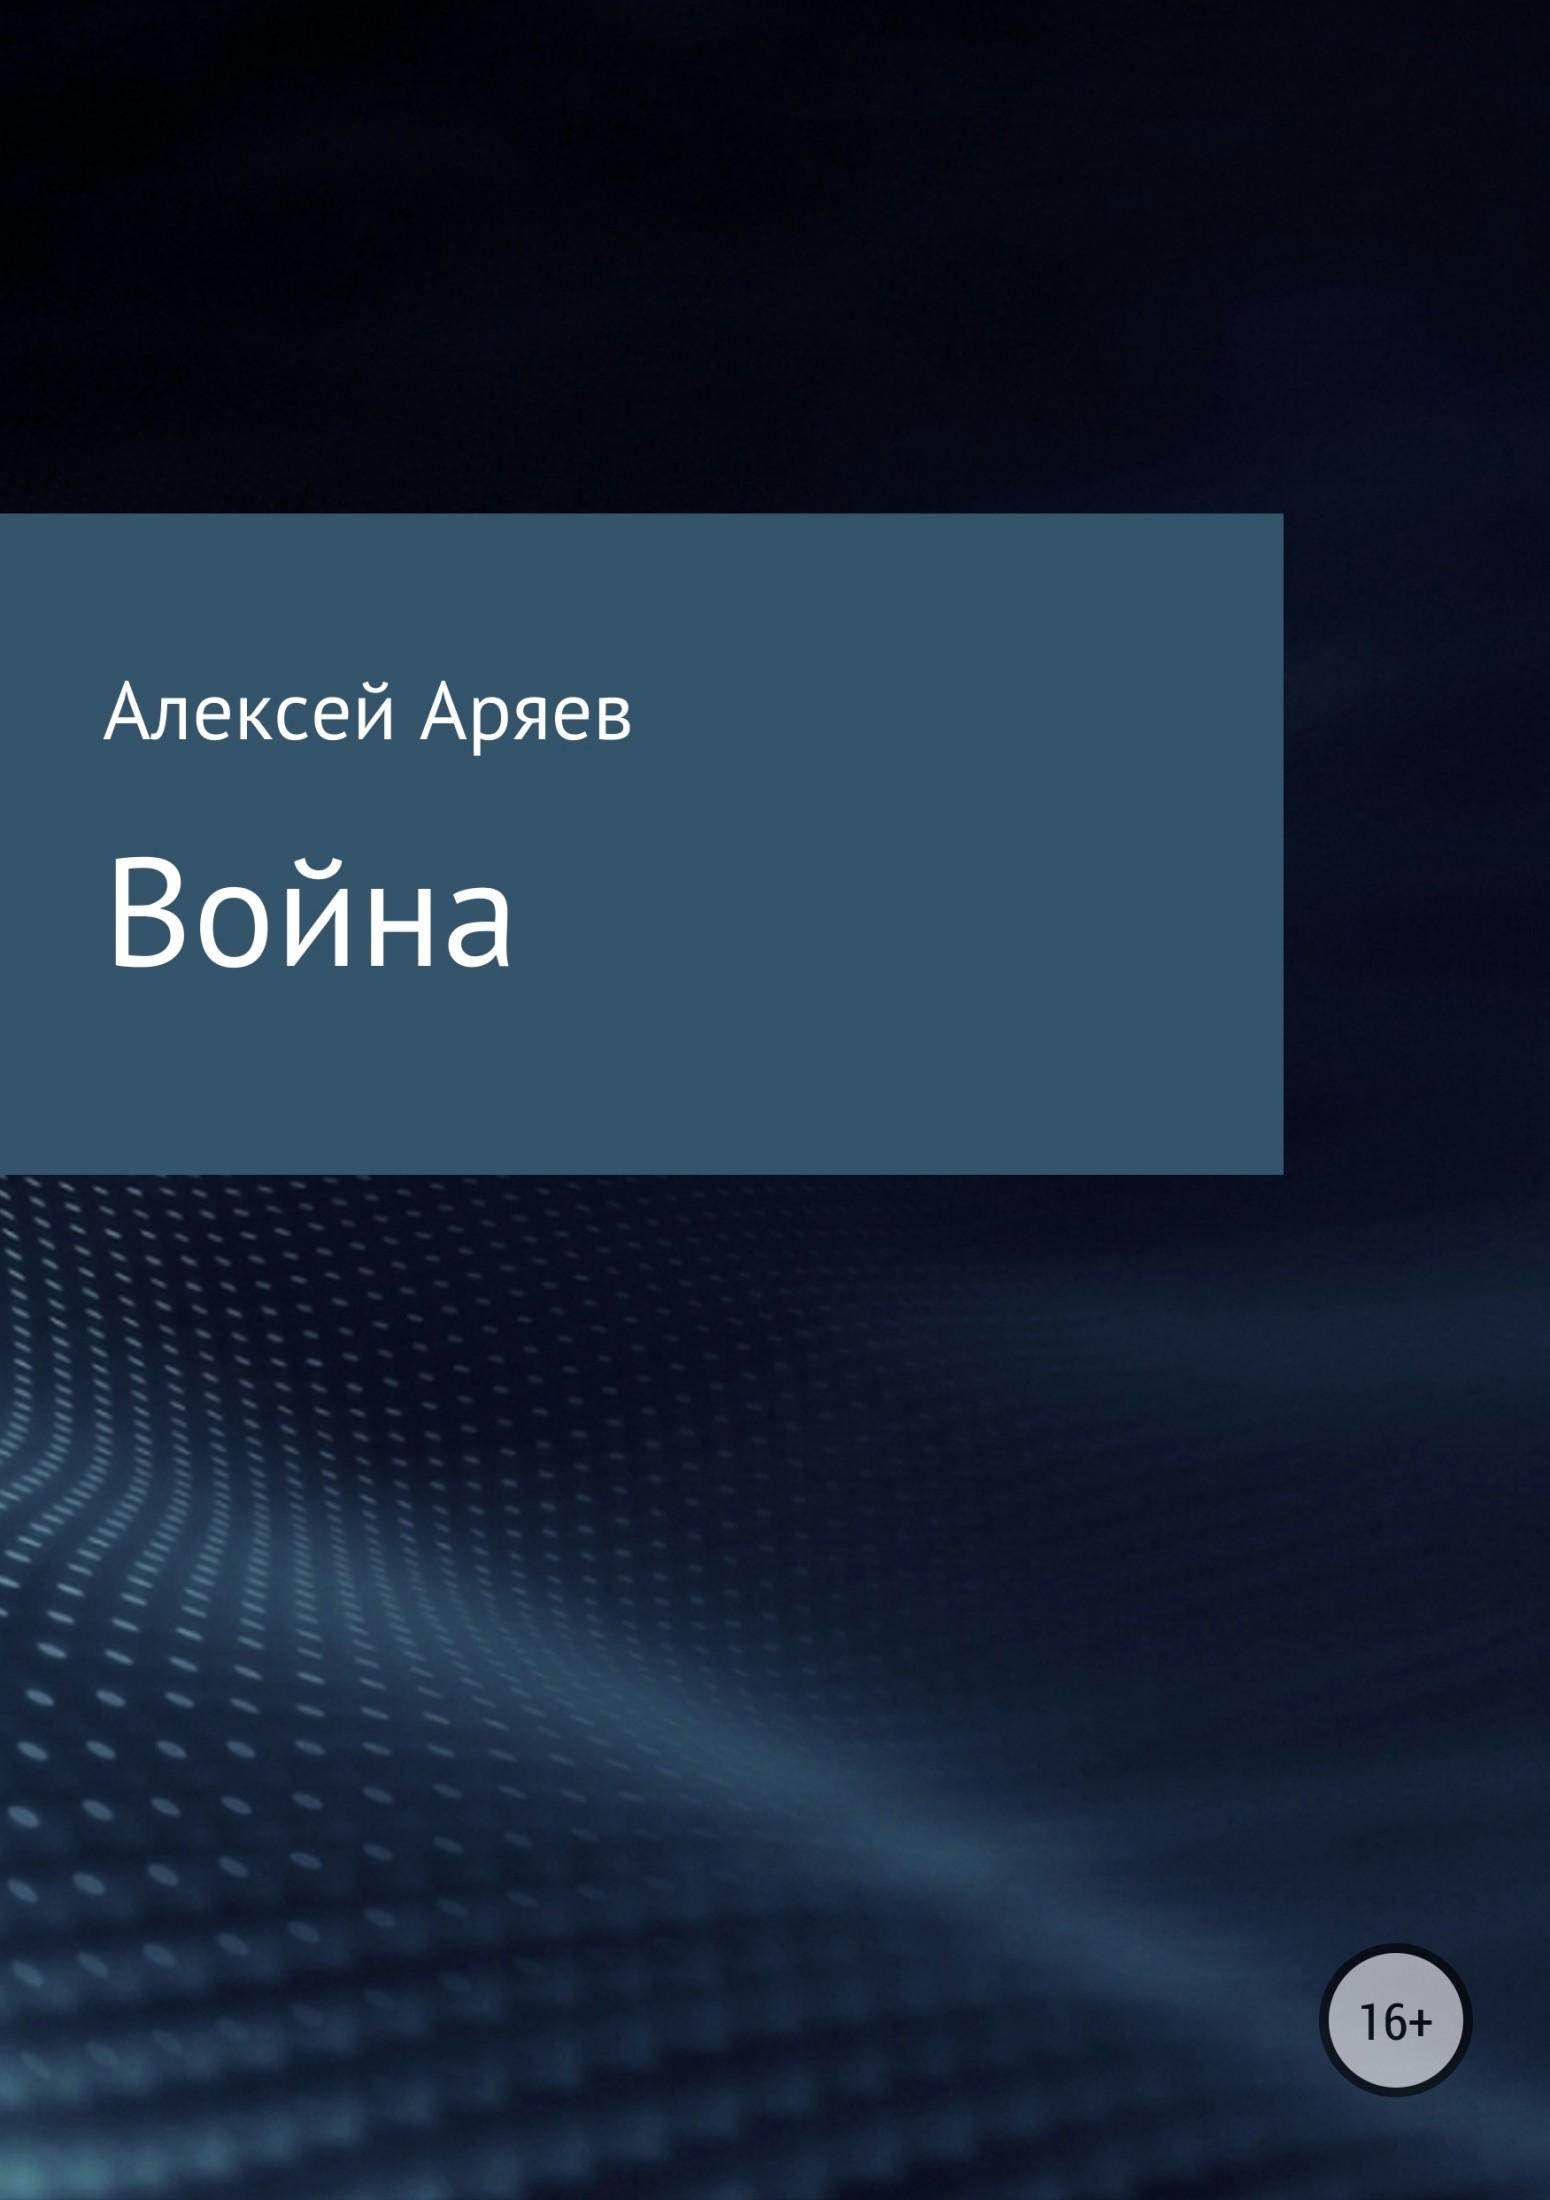 Алексей Аряев - Война